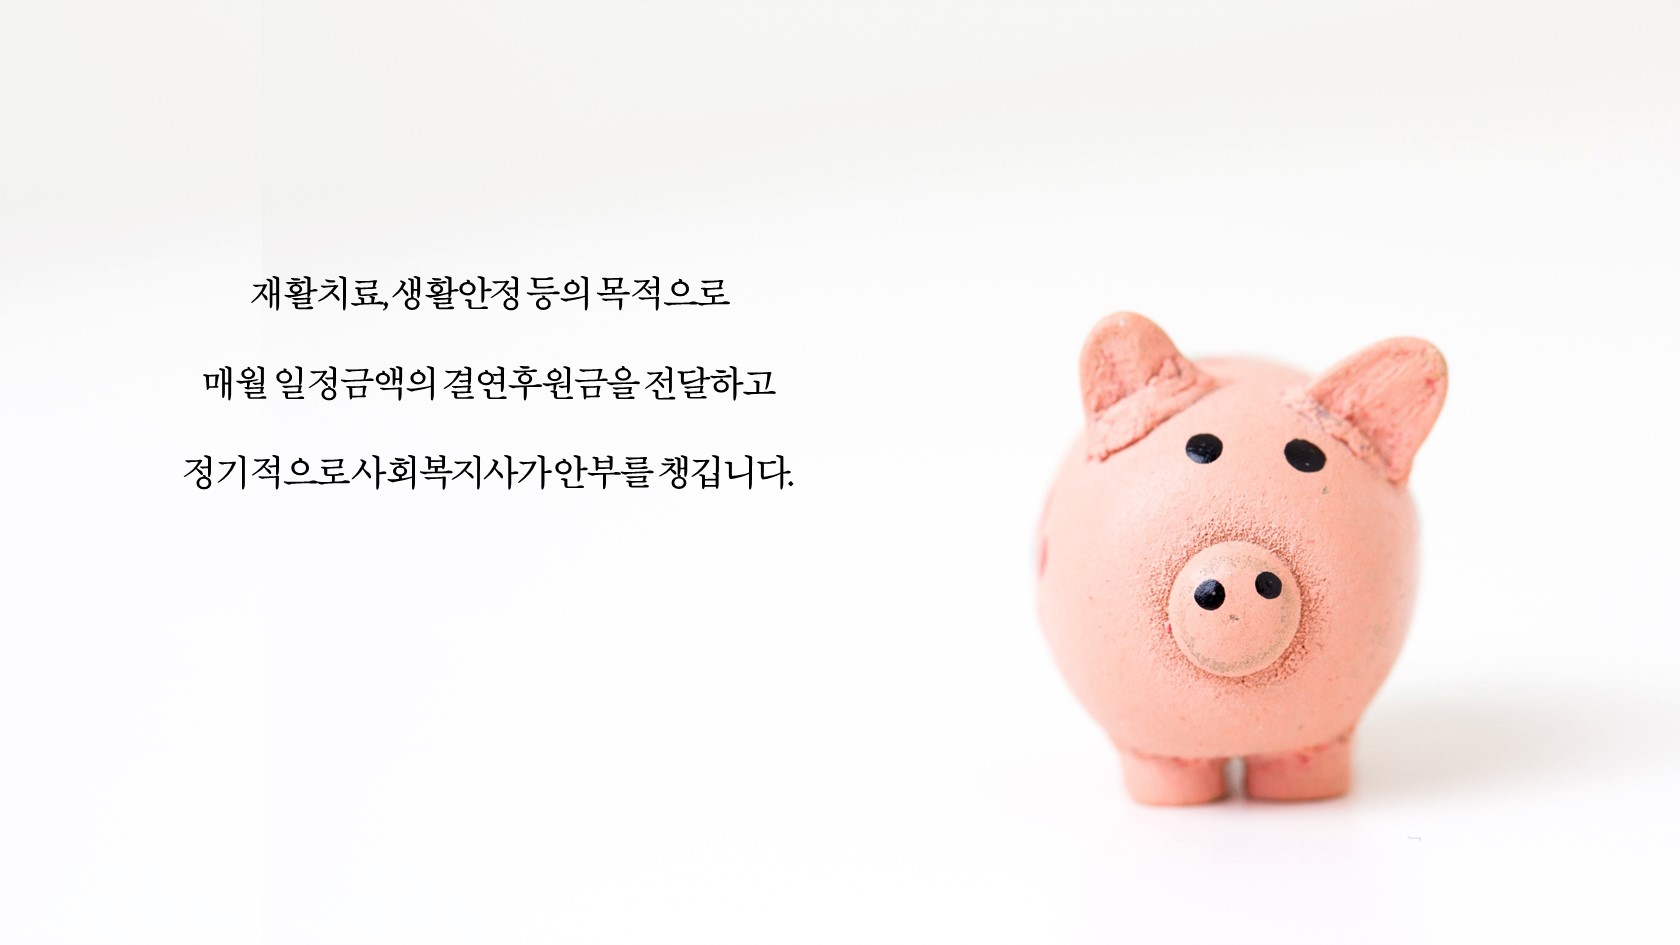 재활치료, 생활안정 등의 목적으로 매월 일정금액의 결연후원금을 전달하고 정기적으로 사회복지사가 안부를 챙깁니다.